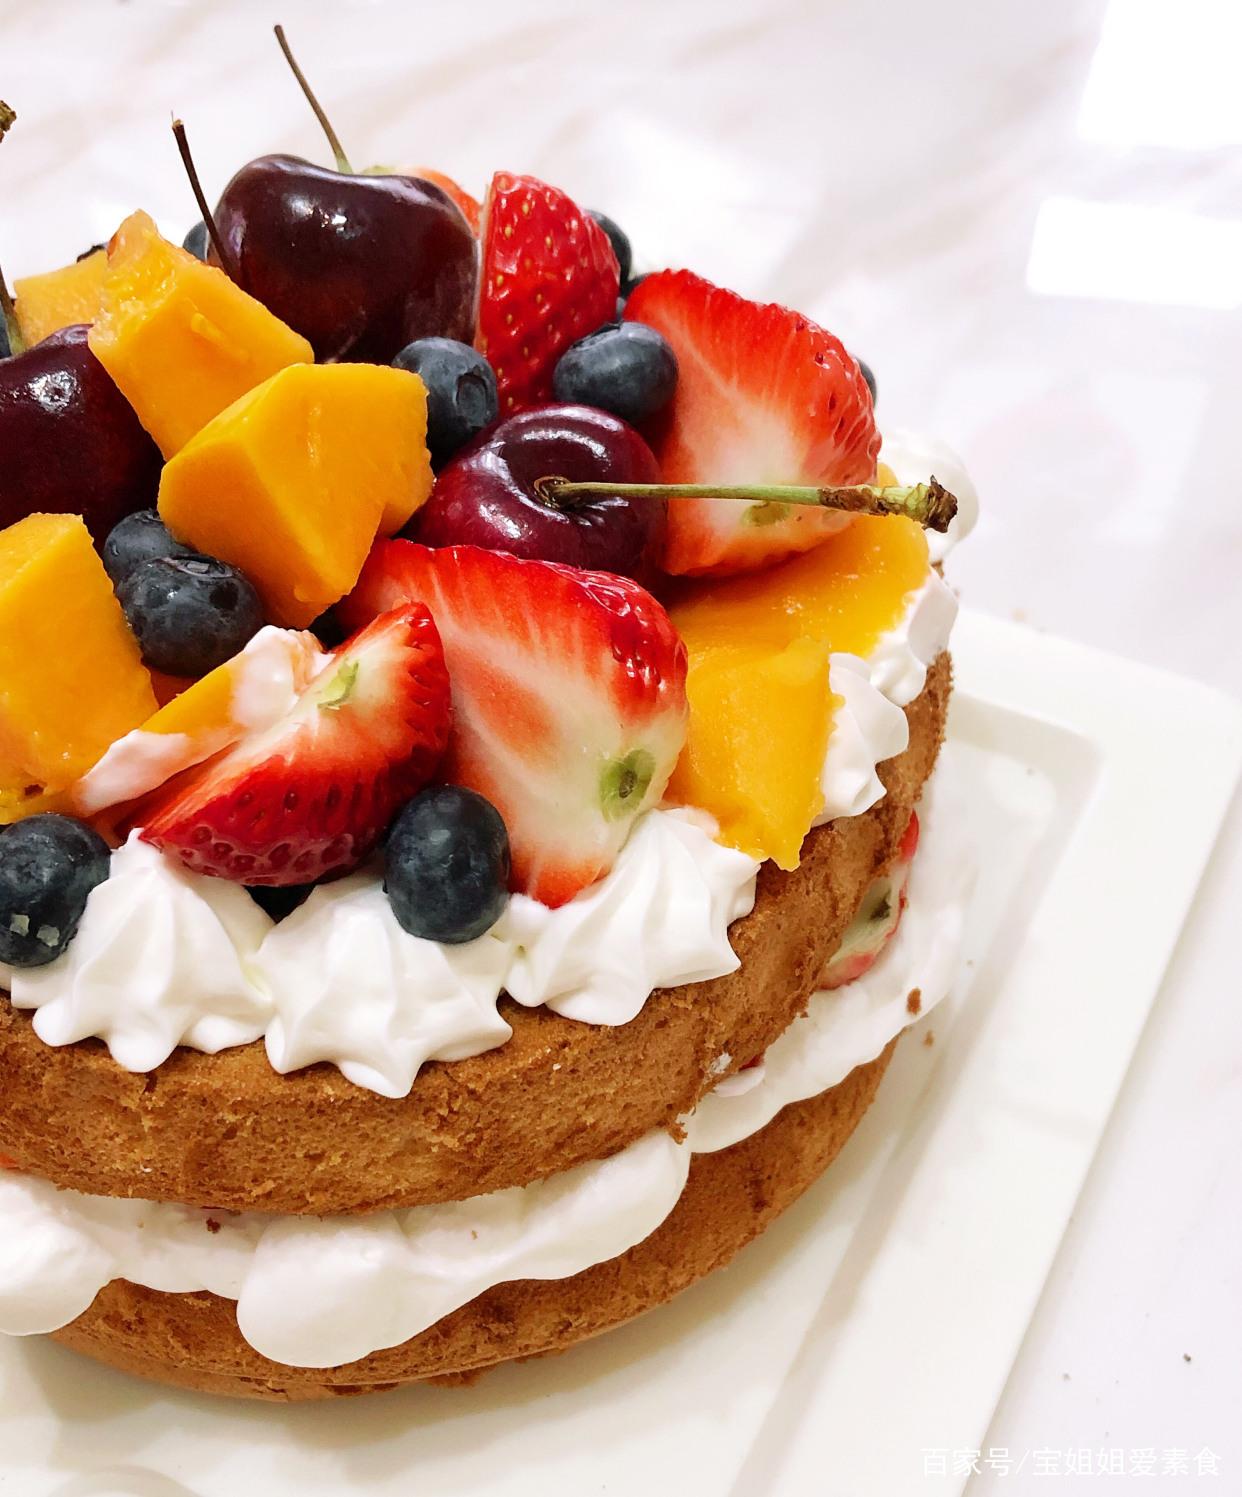 自己做的草莓水果生日蛋糕,含糖量低不易发胖,下午茶必备喔